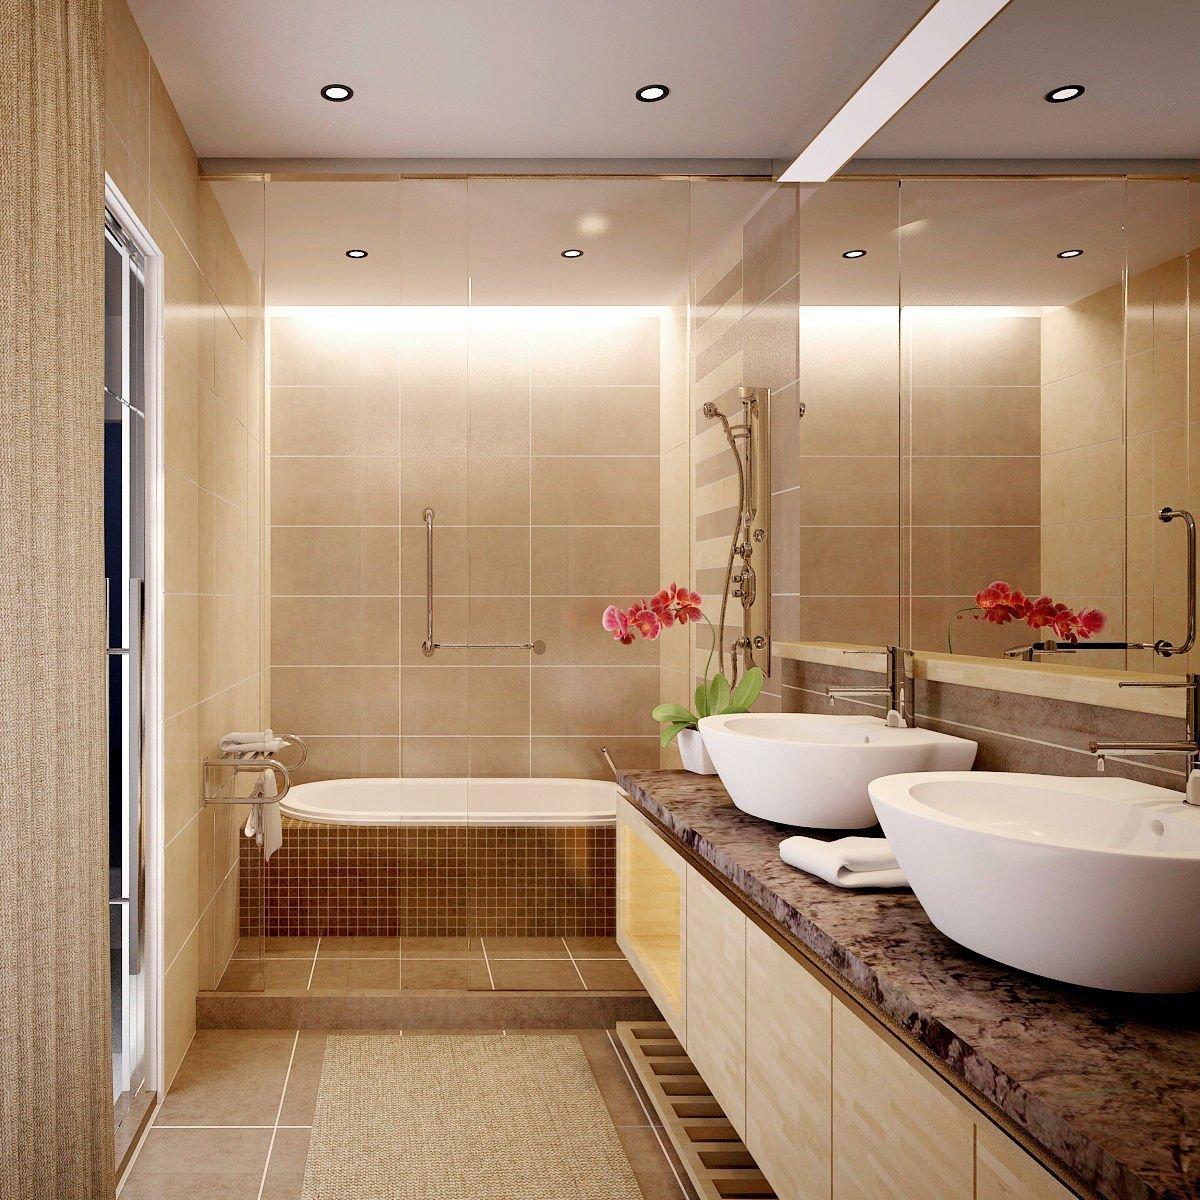 mẫu nhà tắm nhỏ đẹp có bồn tắm 2